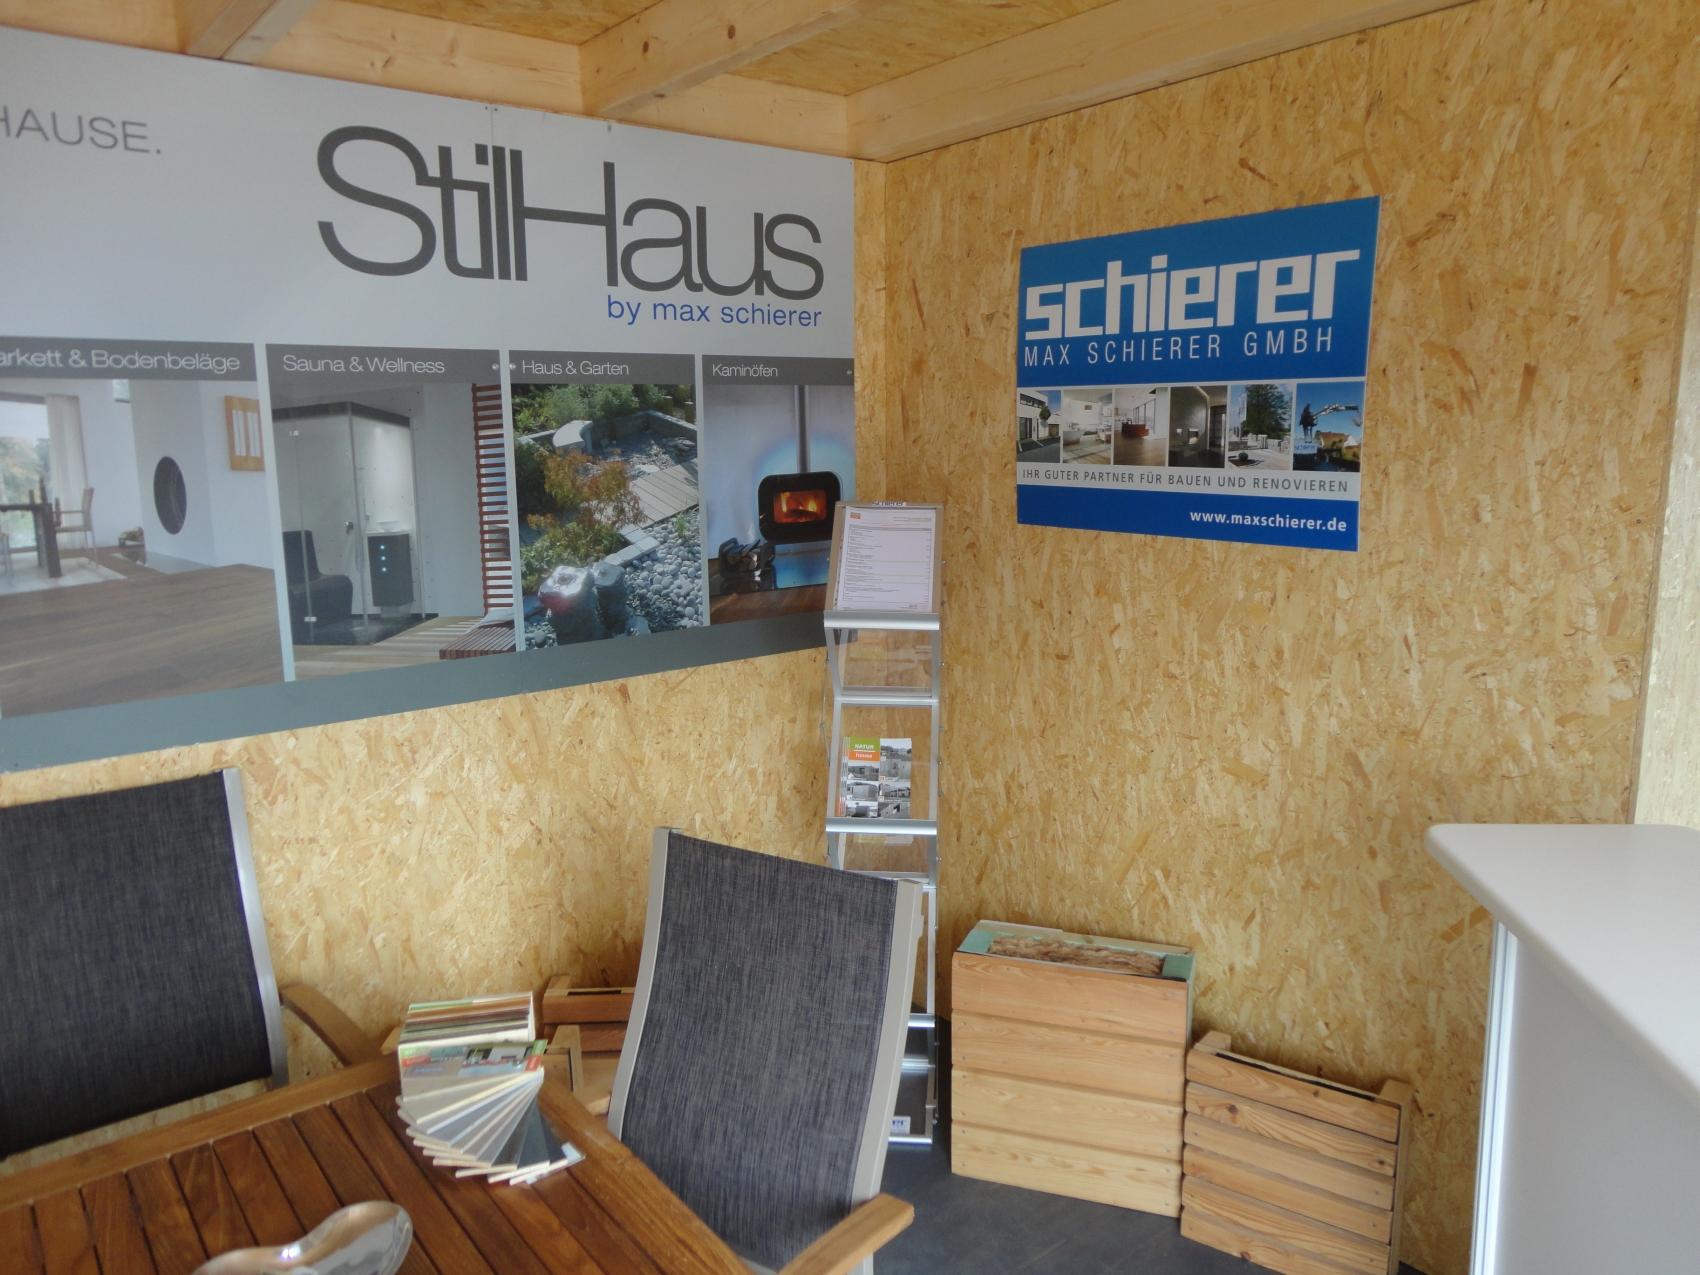 Musterhaus NATURHOUSE - 4,95 x 3,5 m - Straubing - Referenzen ...